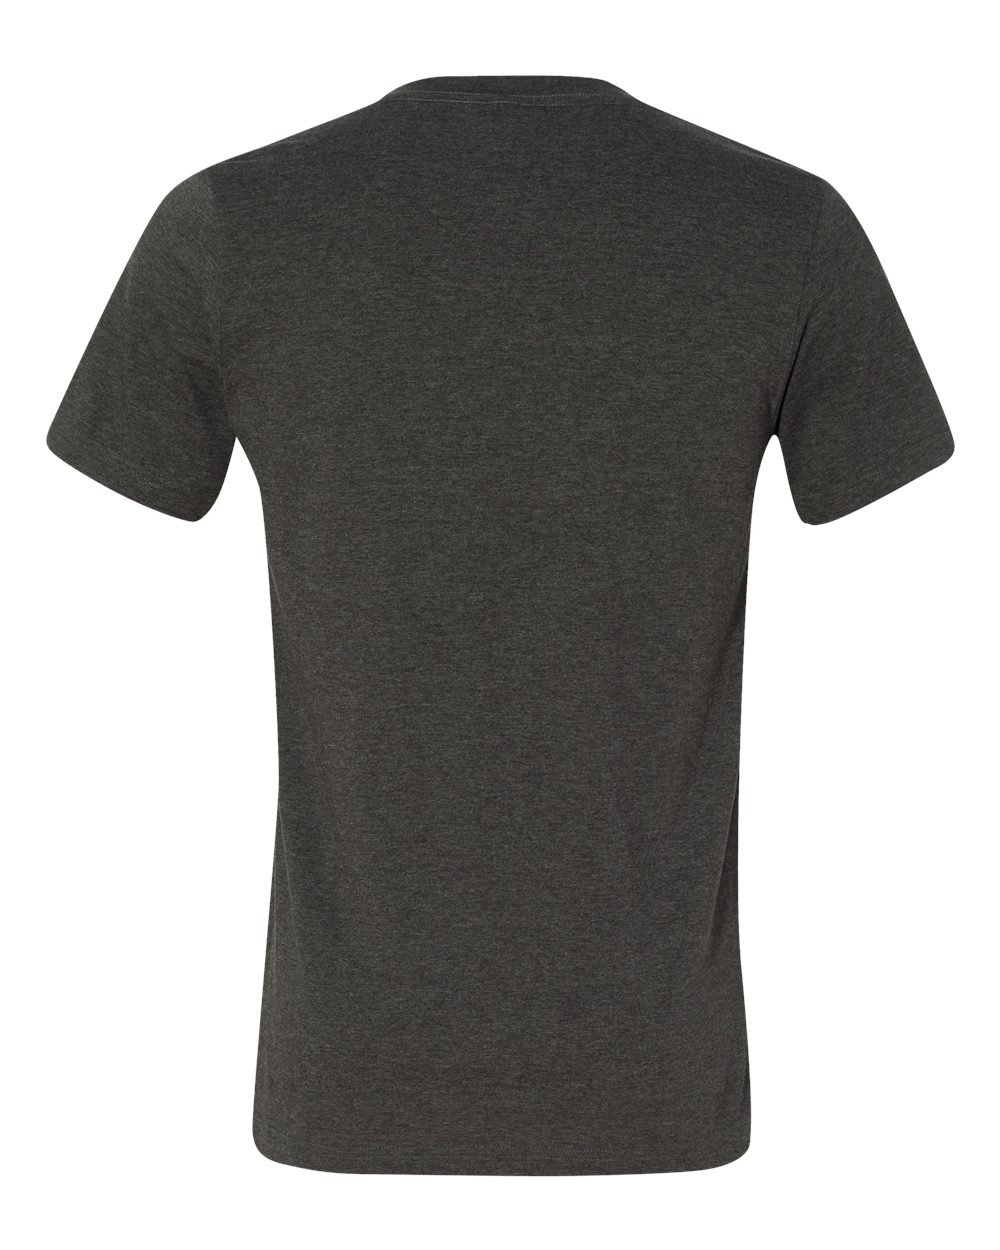 Bella-Canvas-Men-039-s-Jersey-Short-Sleeve-V-Neck-T-Shirt-3005-XS-3XL thumbnail 110